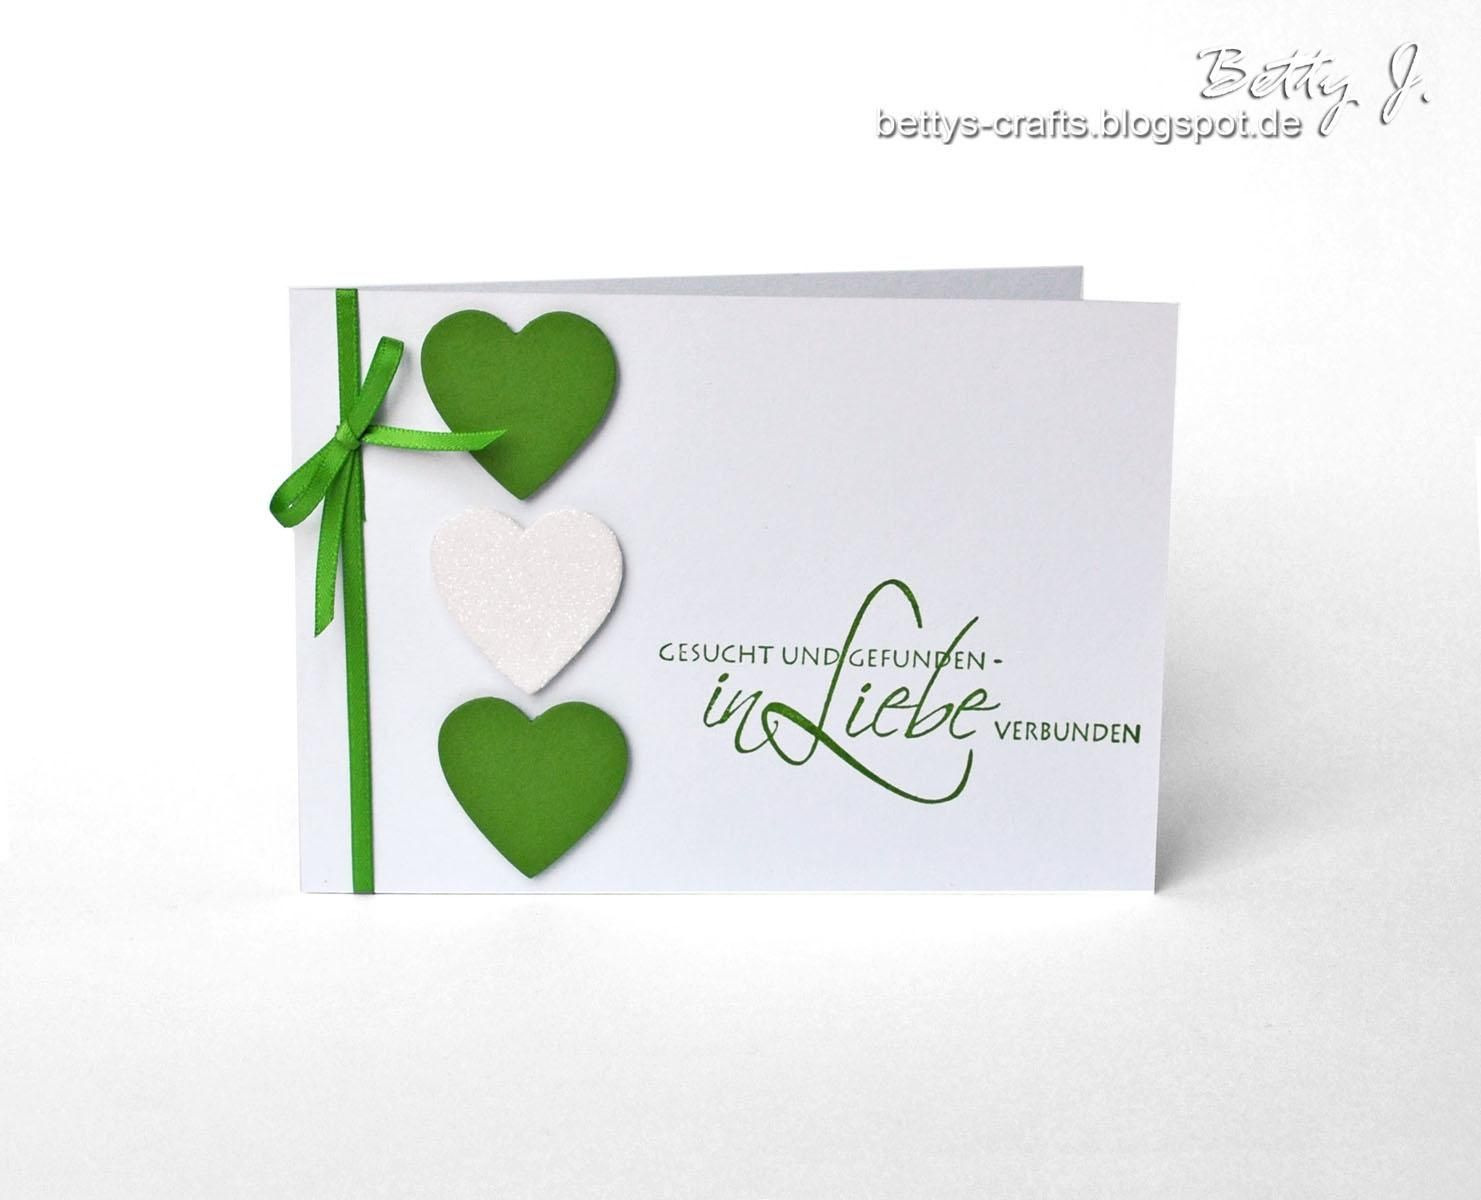 Einladungskarten Hochzeit Selber Gestalten Günstig